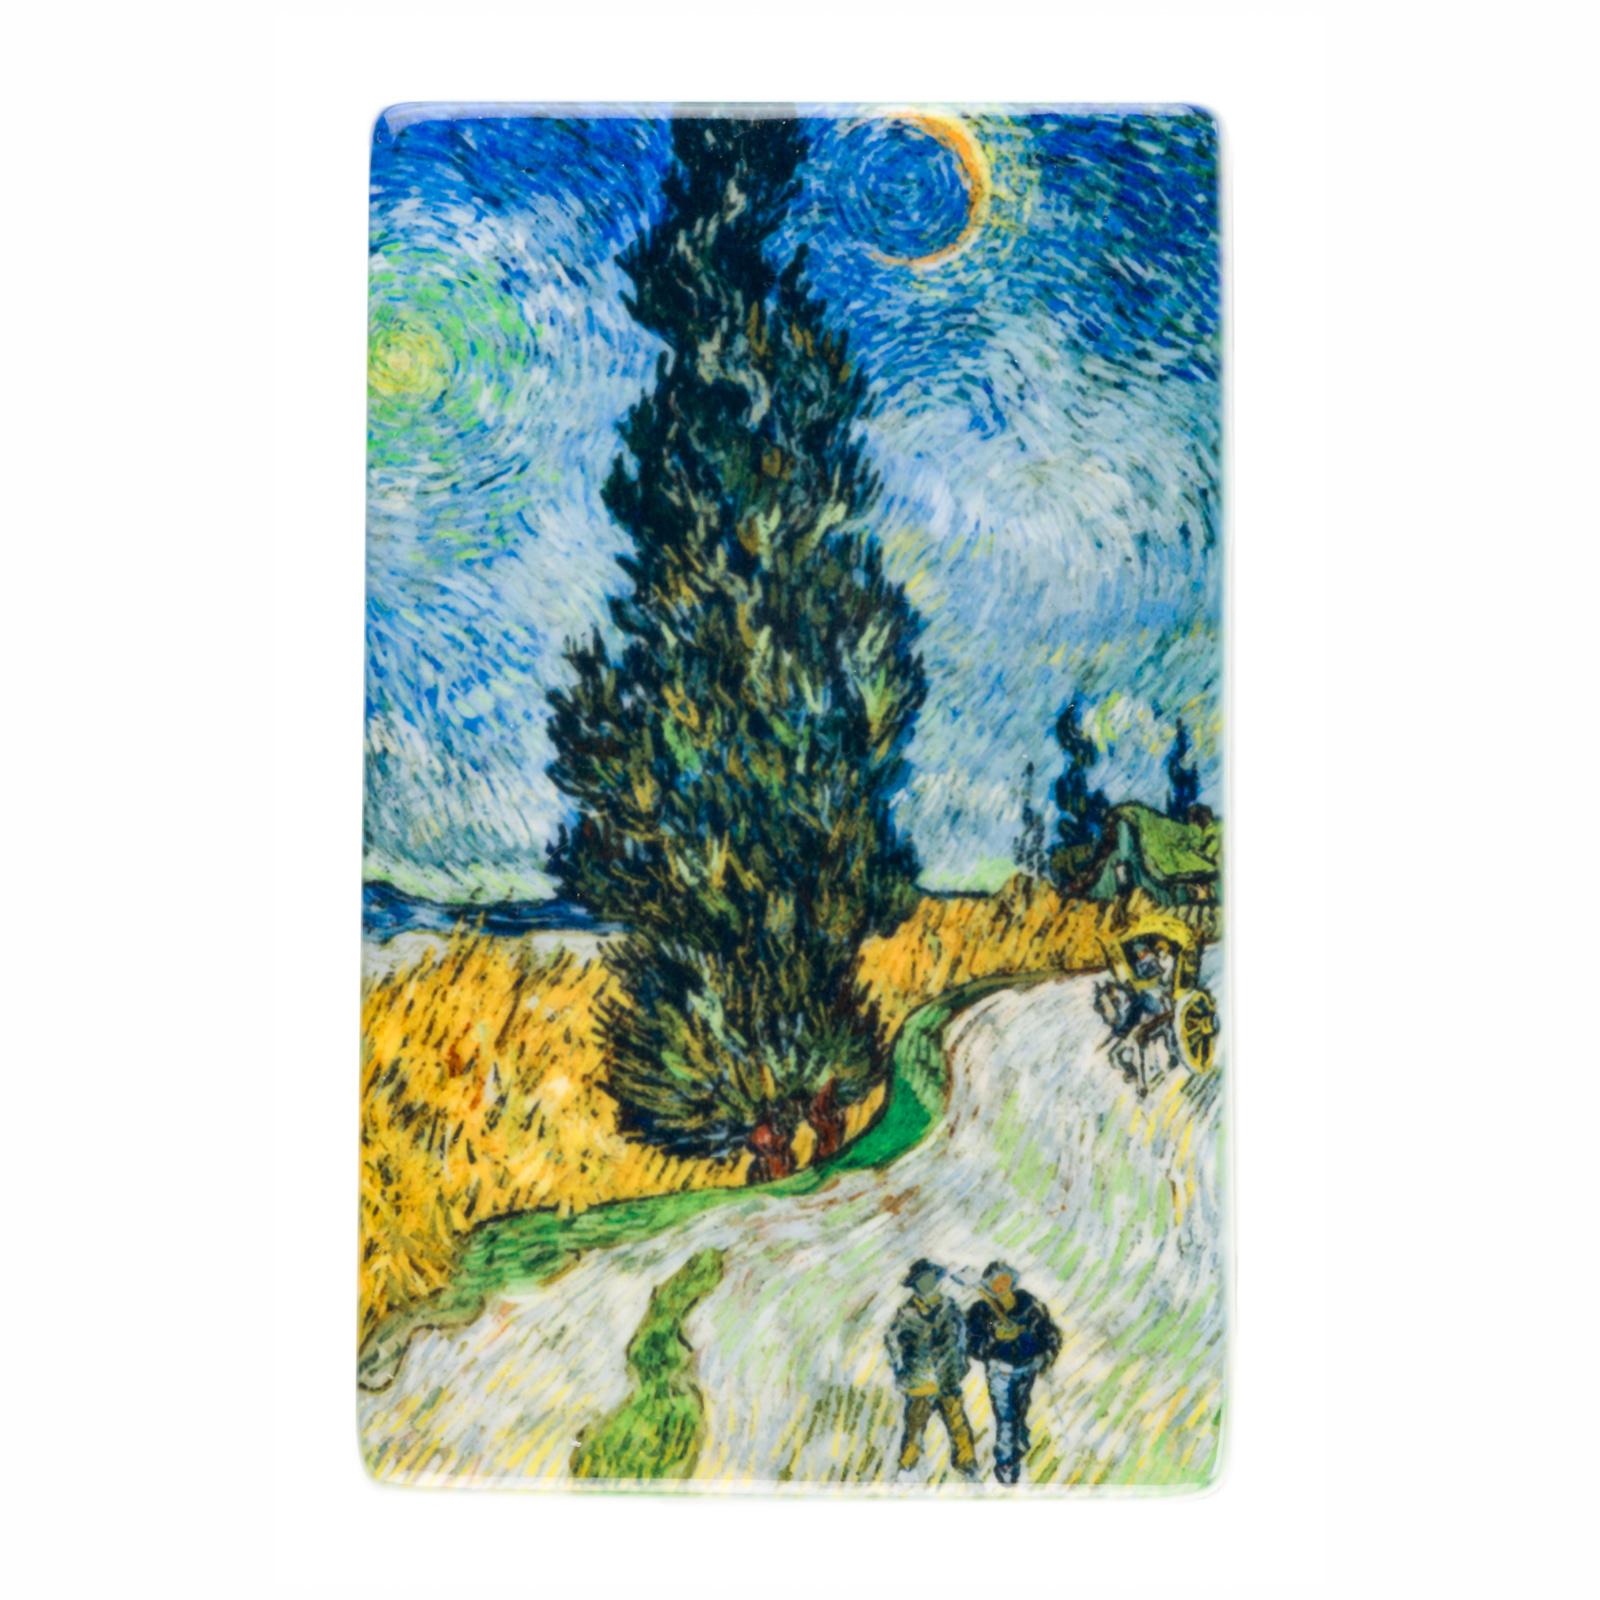 Koelkast magneet Van Gogh Landweg in de Provence bij nacht